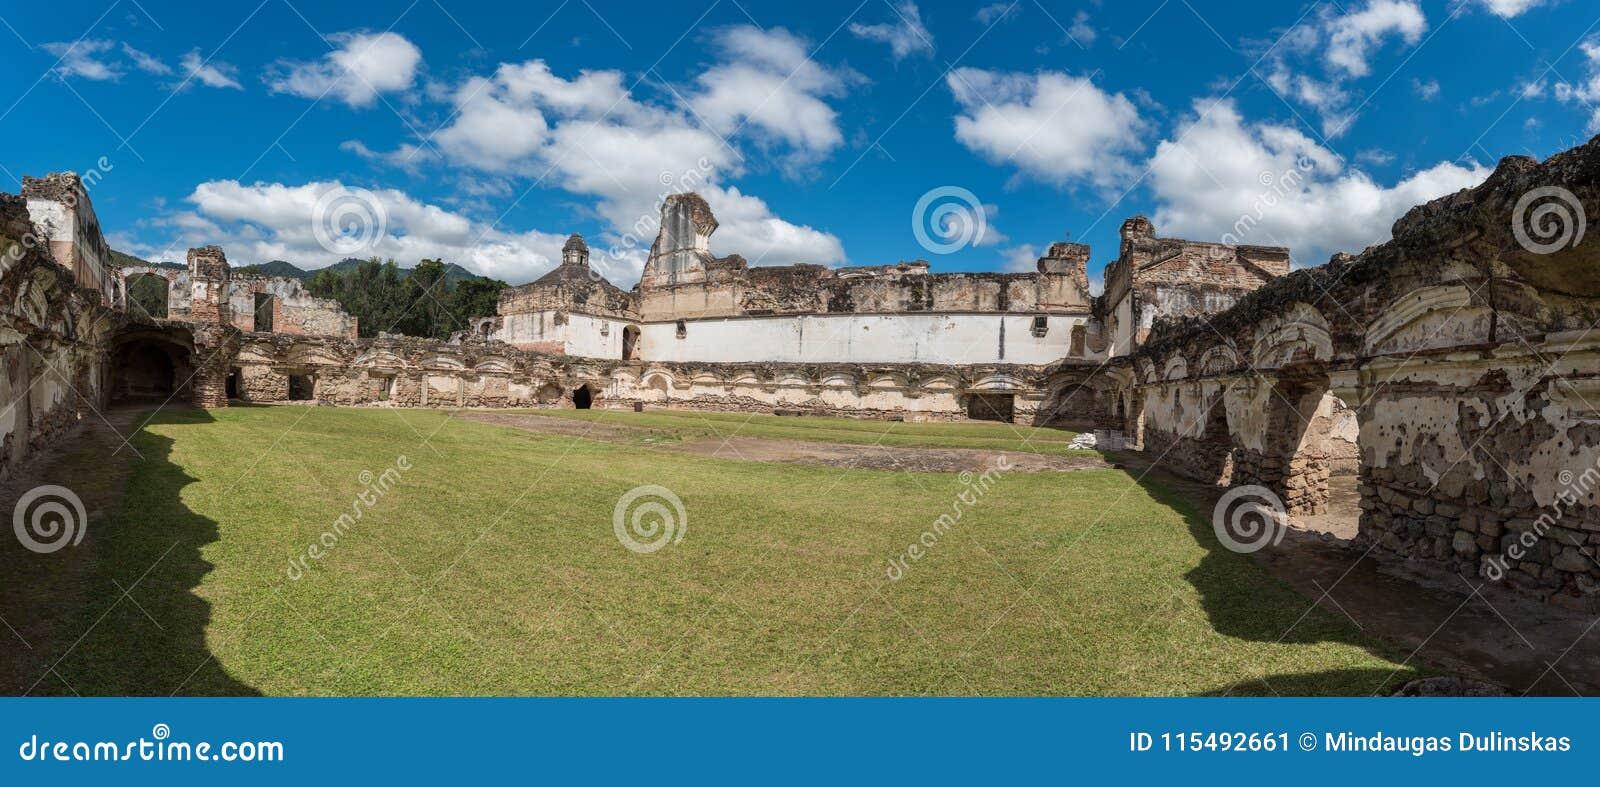 Αρχιτεκτονικός σύνθετος Λα Recoleccion στη Αντίγκουα, Guetemala Είναι μια προηγούμενη εκκλησία και το μοναστήρι της διαταγής ανακ